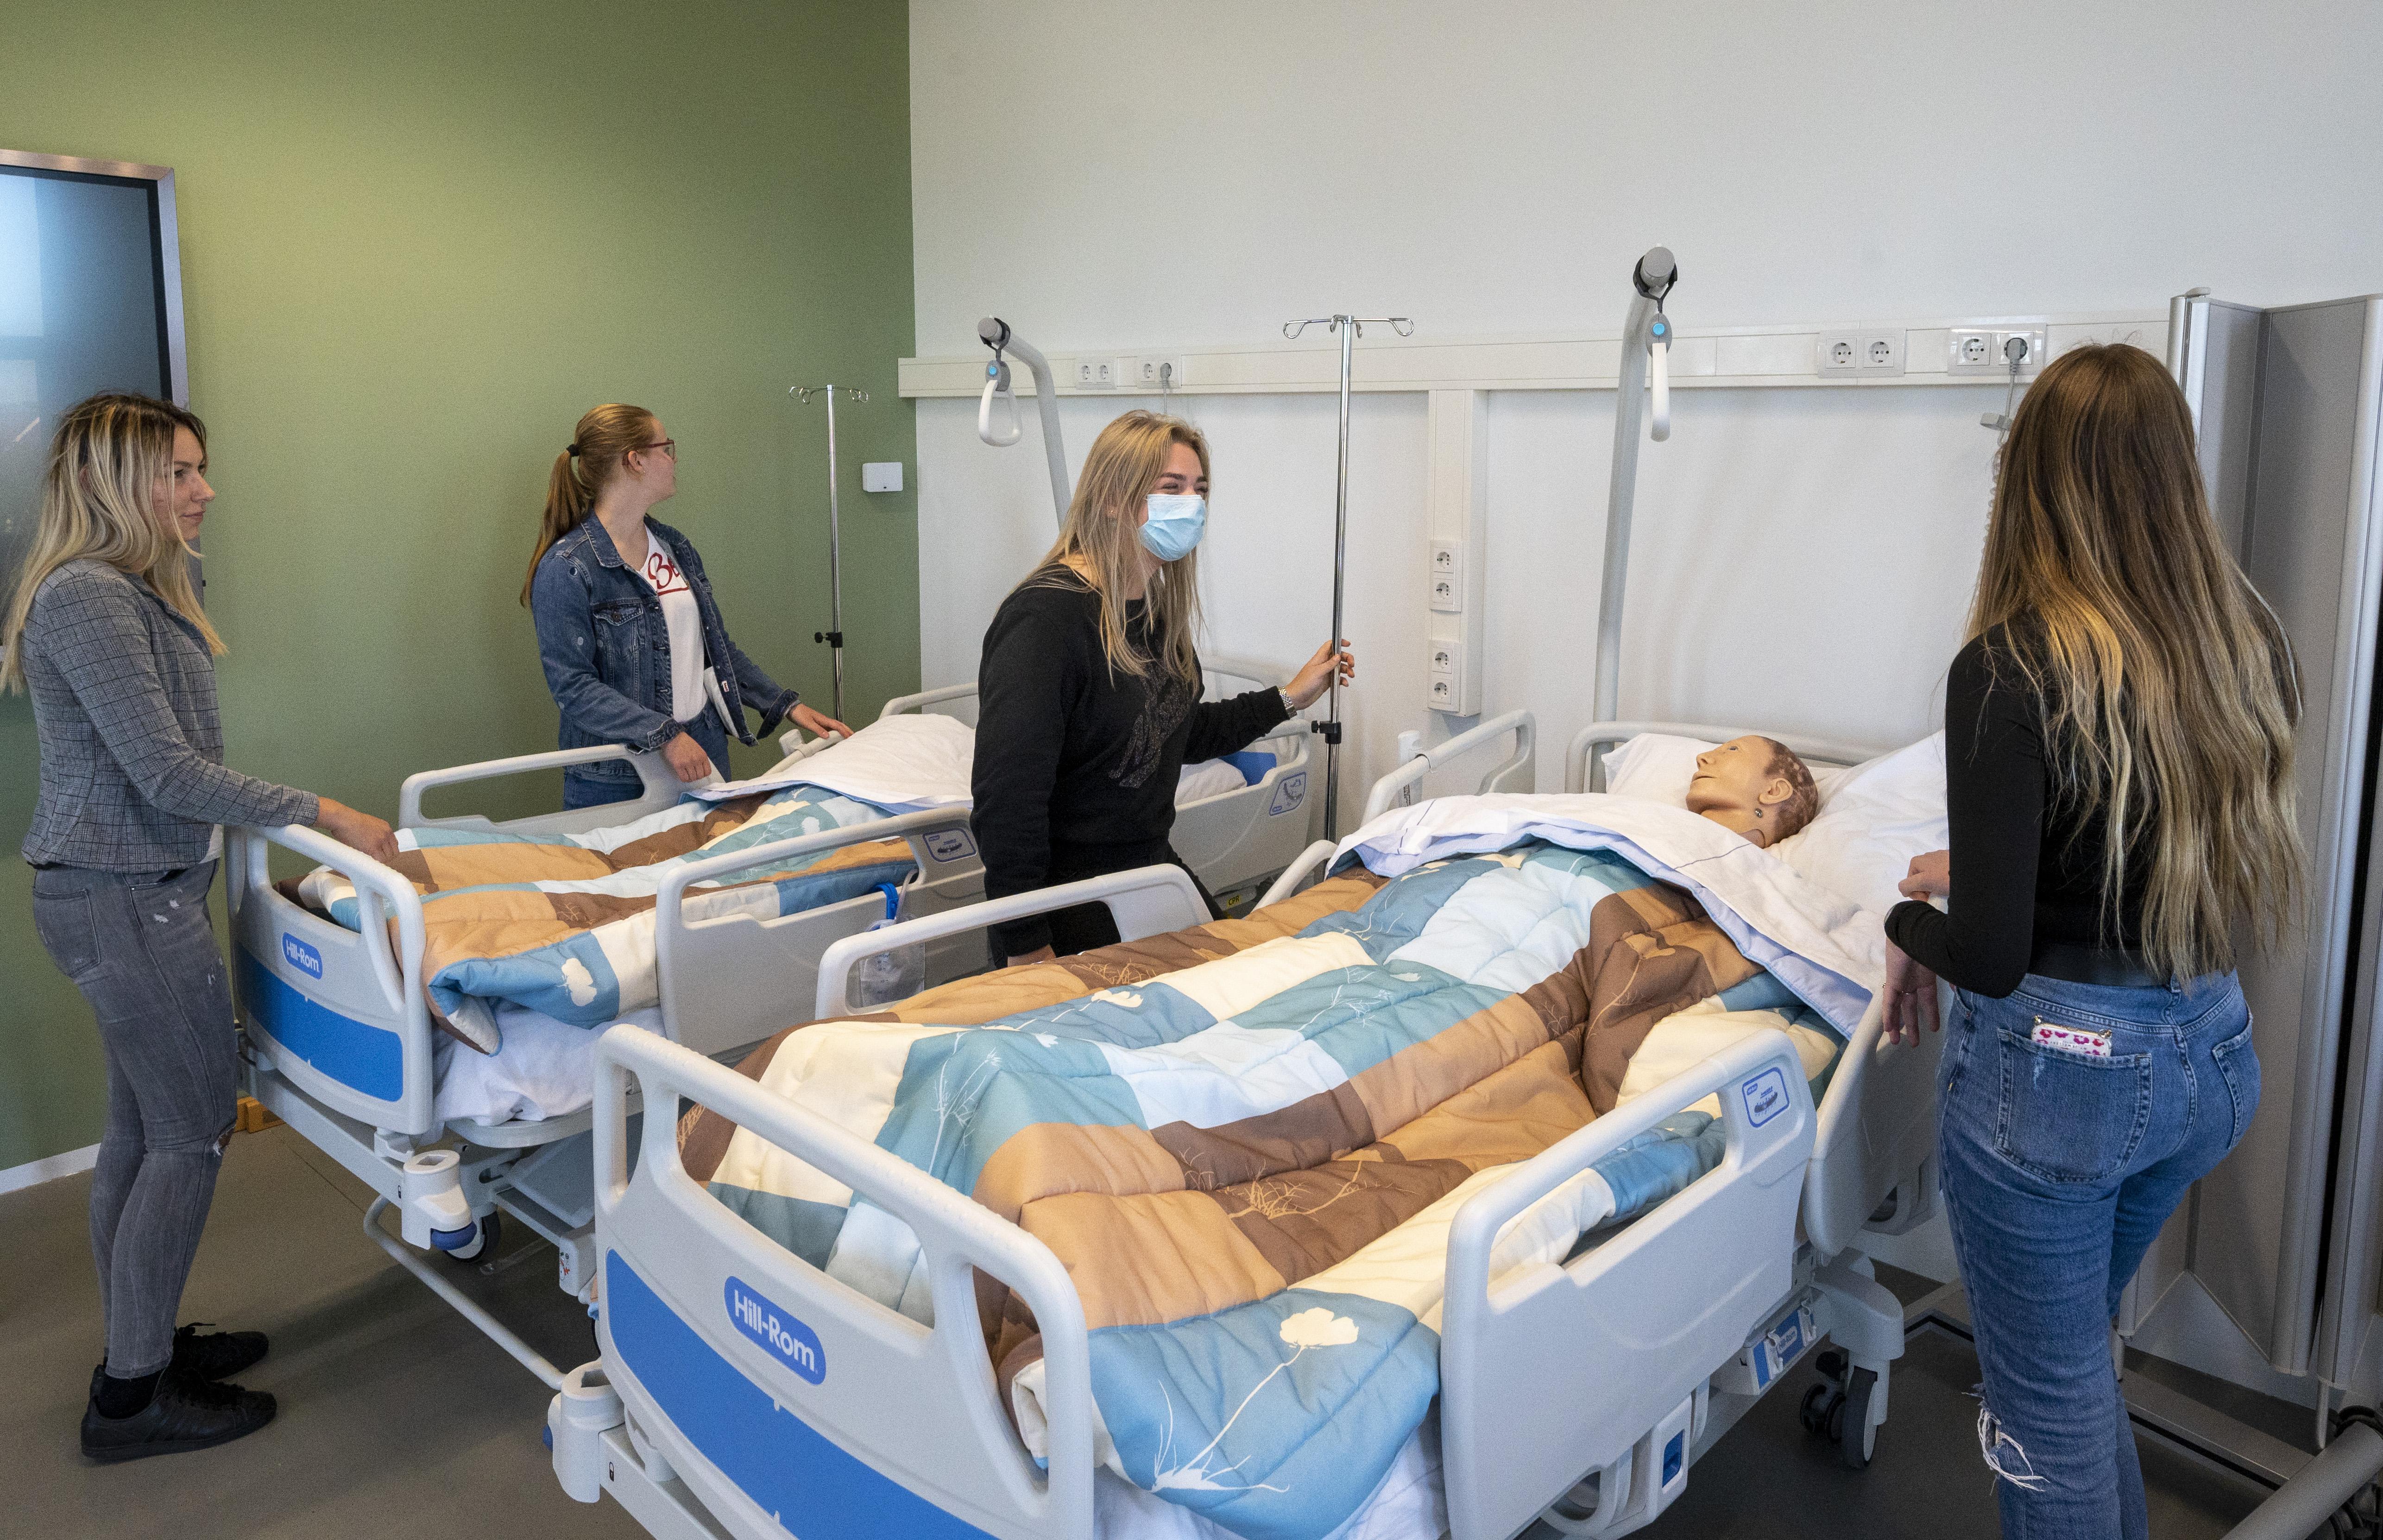 Klaslokalen in nieuwbouw Nova College Haarlem maken plaats voor bruispleinen en levensechte praktijkruimten